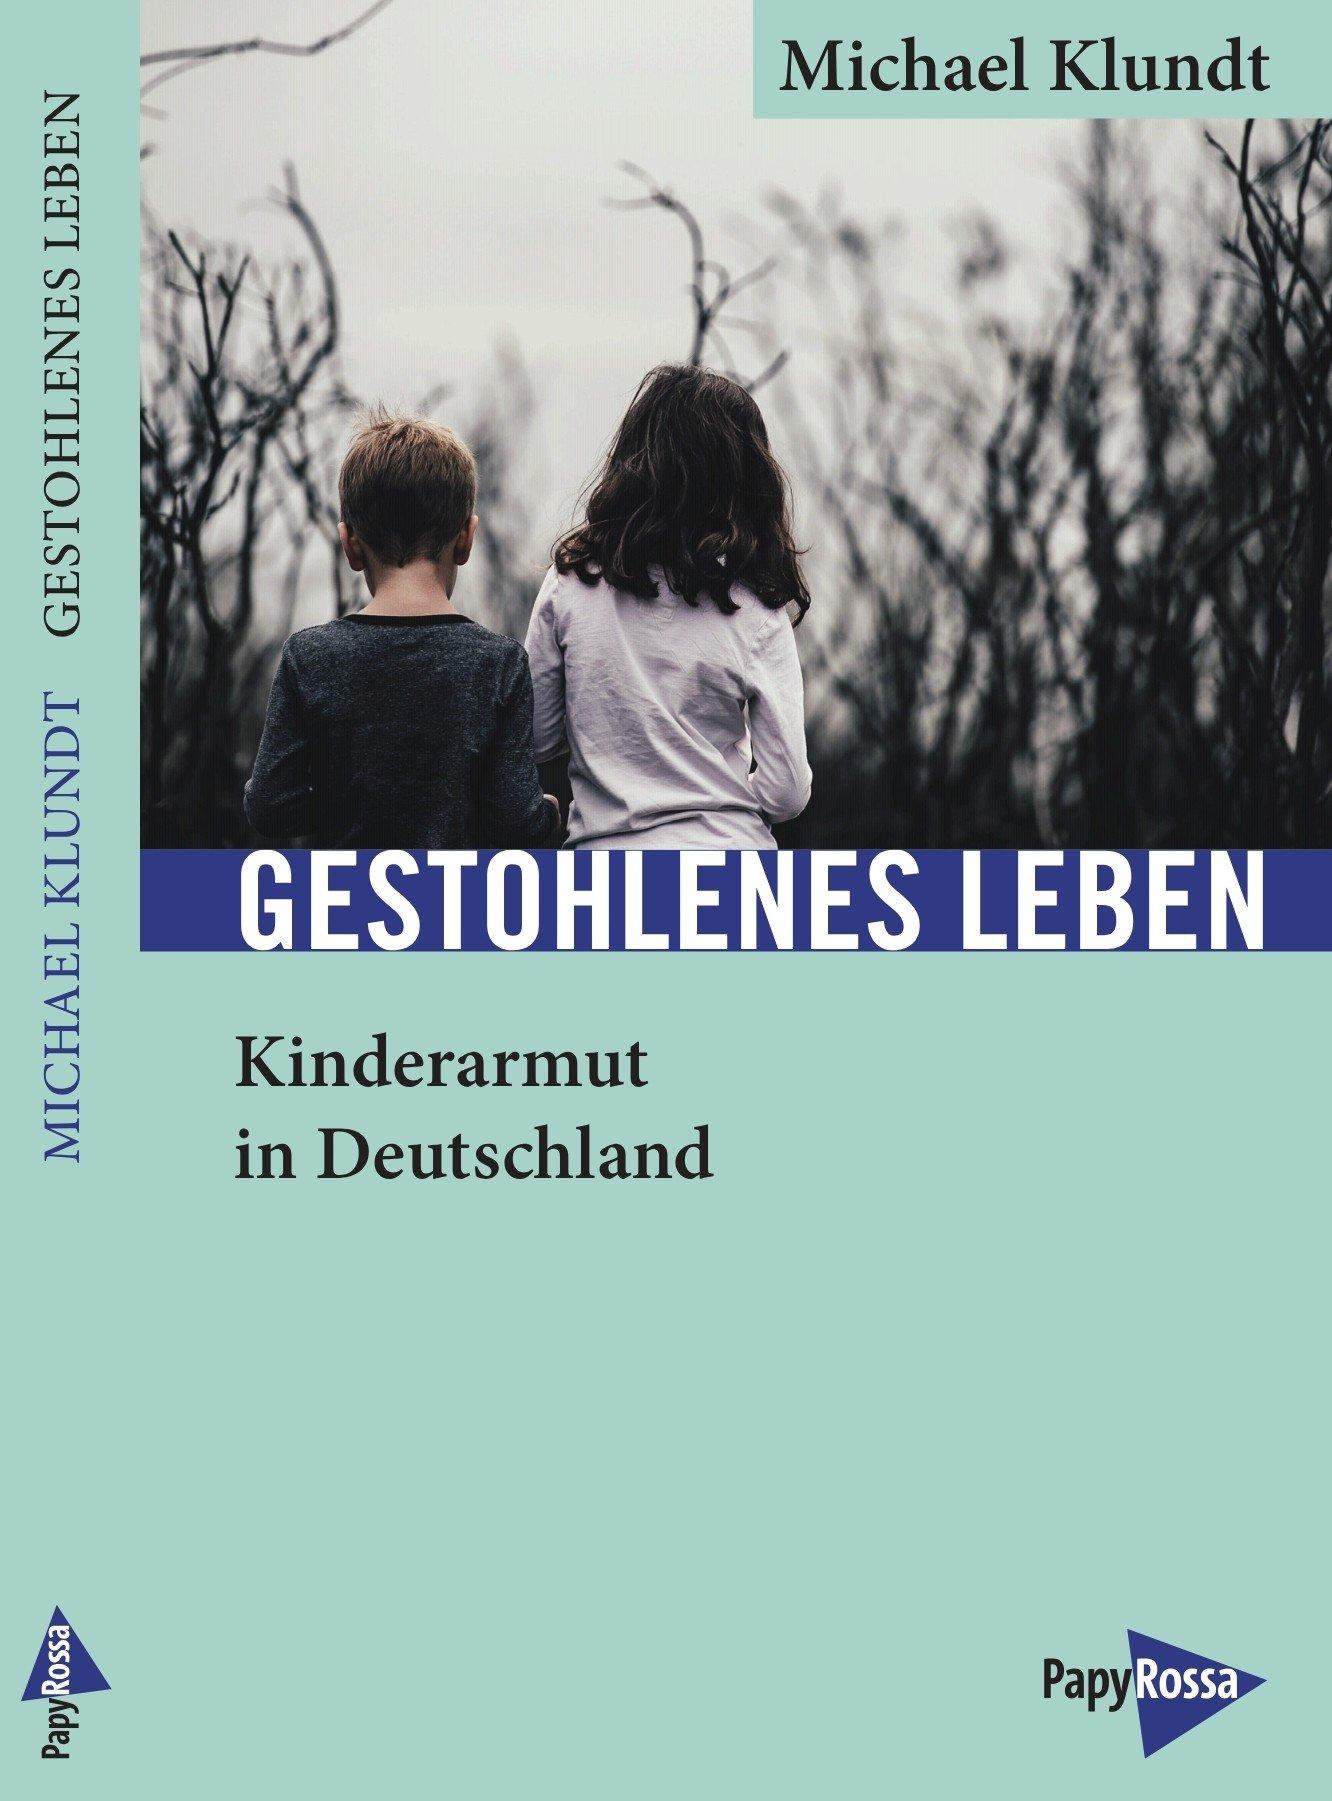 #Bildungsarmut und Kinderarmut ist sicher auch im #Twitterlehrerzimmer oder im #fl_seminar ein relevantes Thema! Michael Klundt ist Prof. an der Hochschule Magdeburg-Stendal, Fachbereich #Humanwissenschaften, und legt hier eine grundlegende Forschungsarbeit vor. https://t.co/Ffeo26jAna